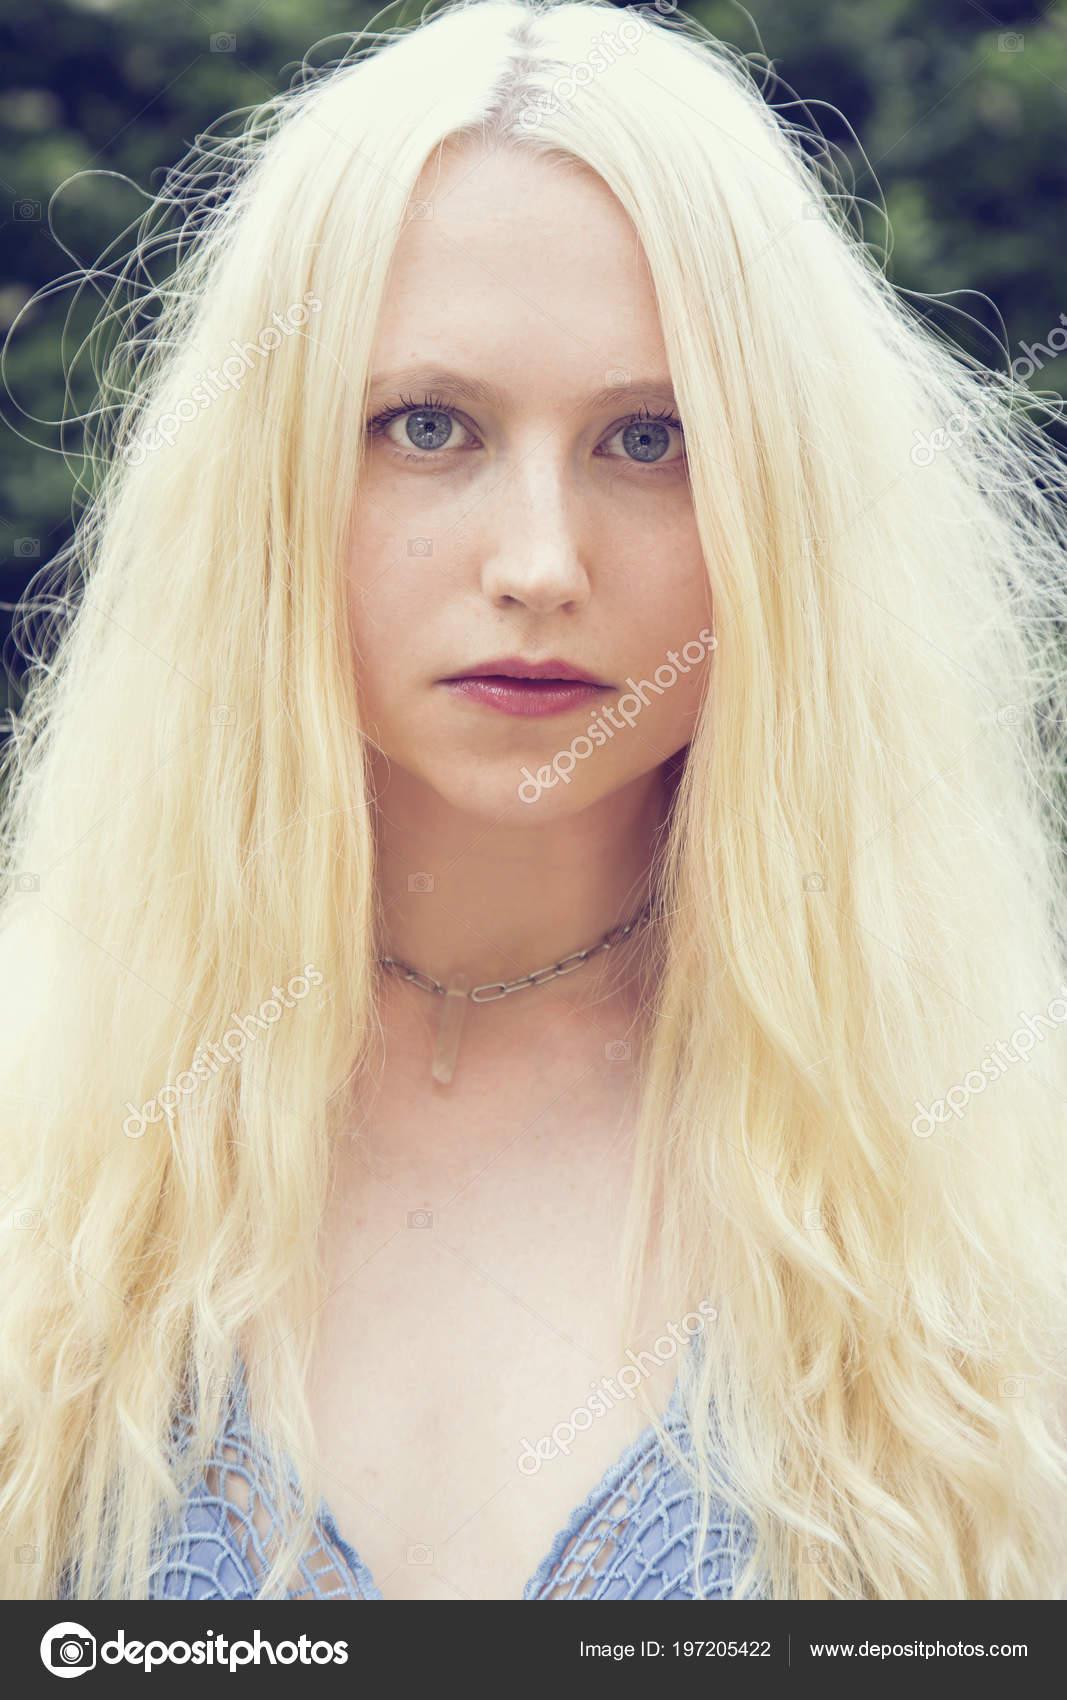 Portrat Der Schonen Jungen Frau Mit Blonden Haaren Und Blauen